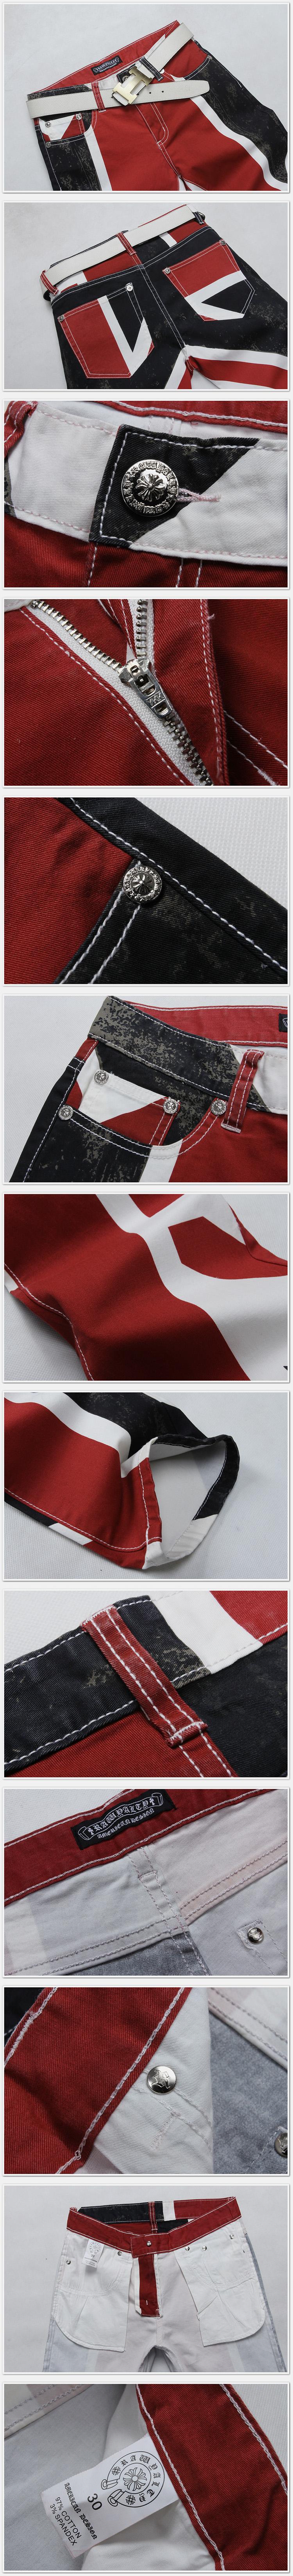 Скидки на 2015 Англия персонализированные человек брюки тонкий моды случайные печатные джинсы известных брендов мужские джинсы мотоцикла правда жан homme